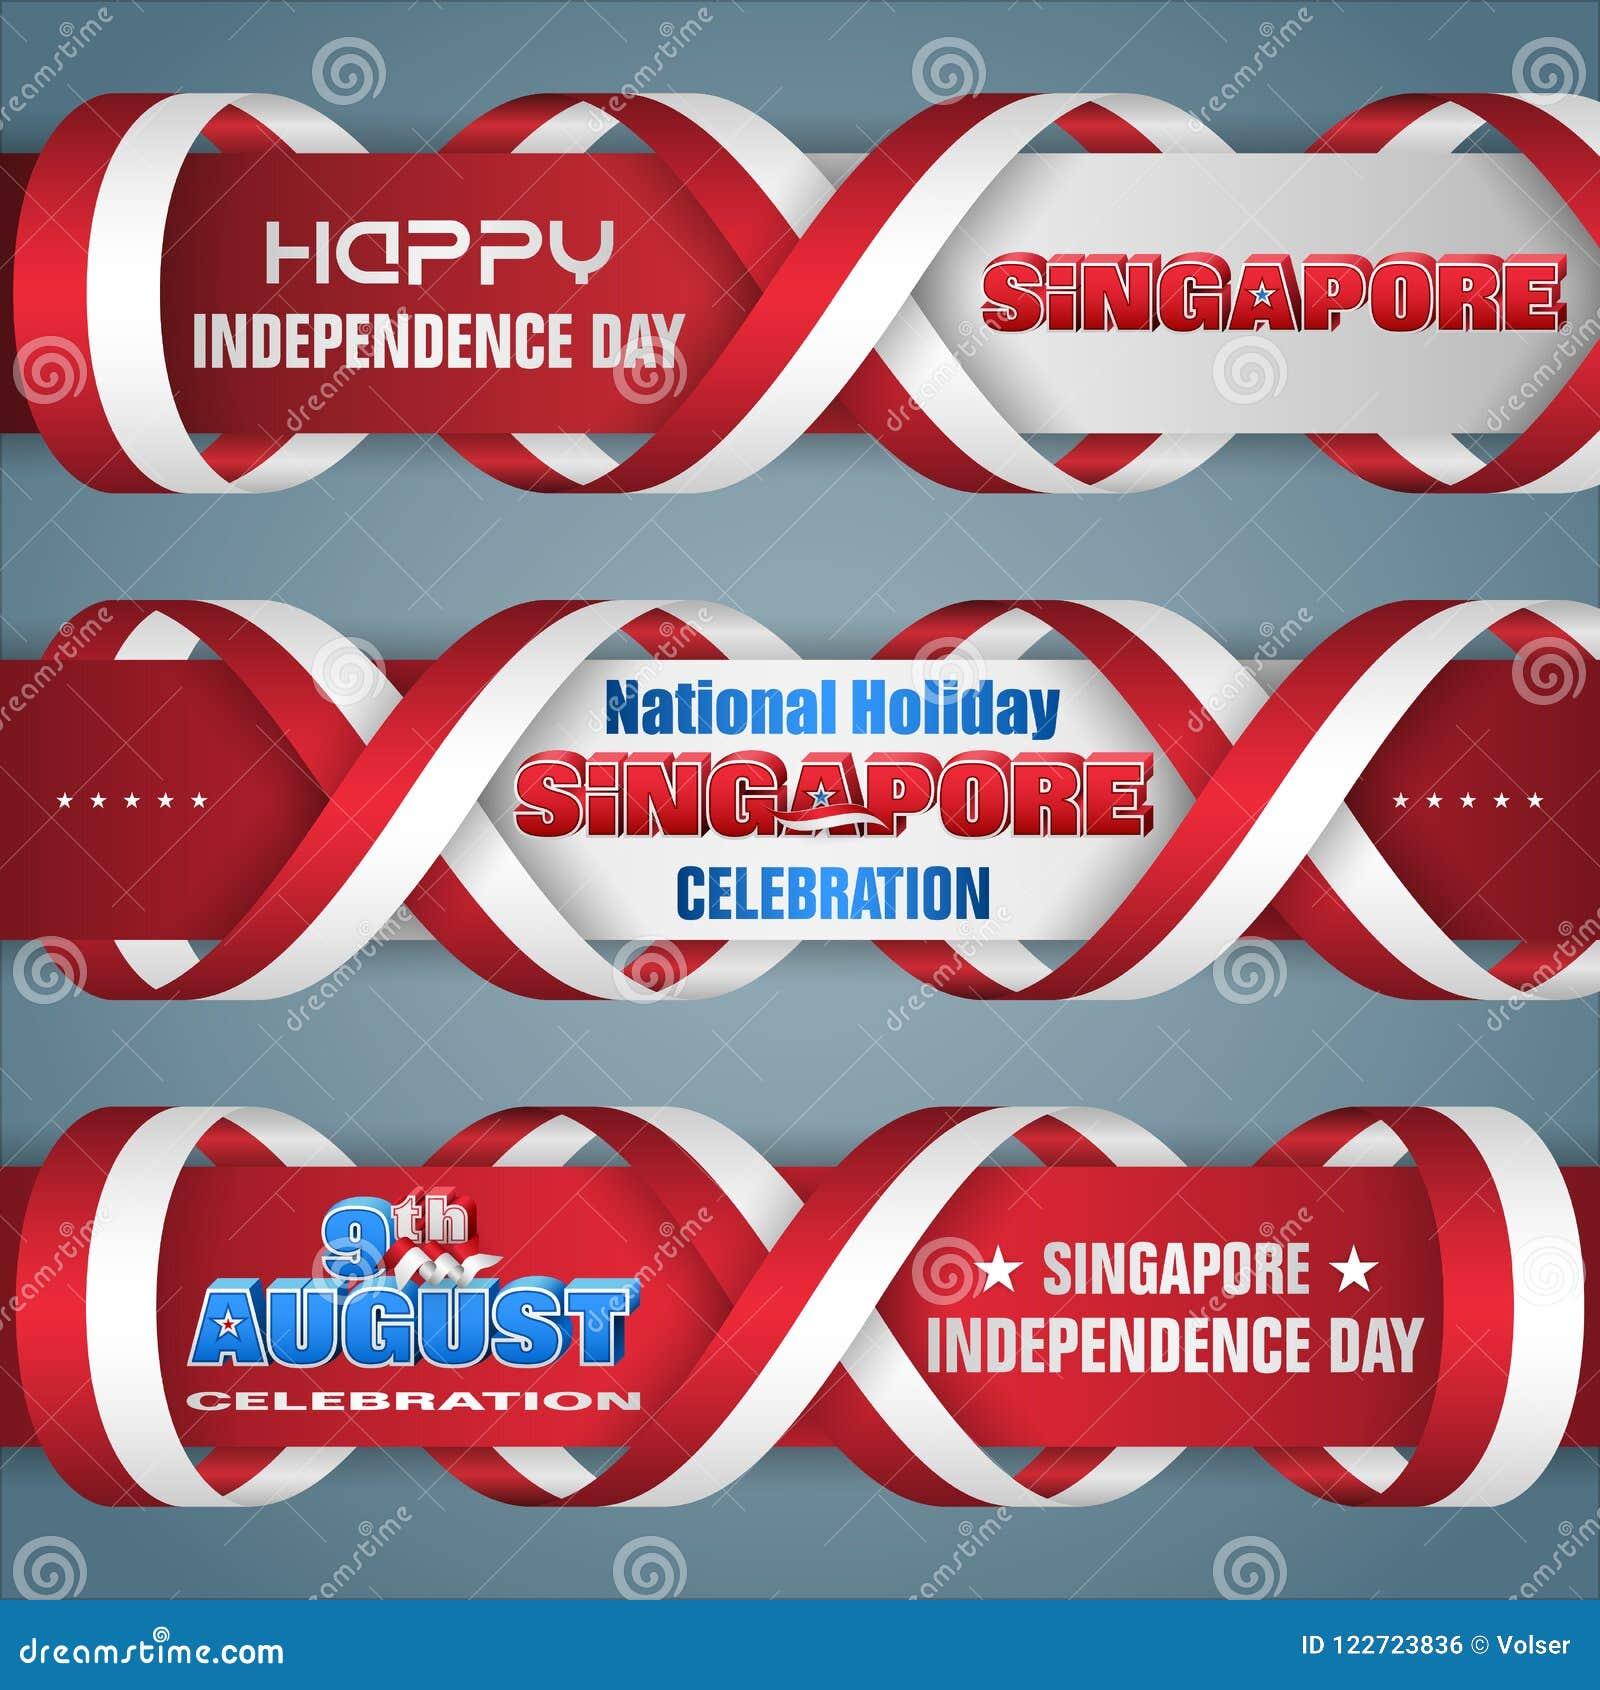 Ημέρα της ανεξαρτησίας της Σιγκαπούρης, εορτασμός, εμβλήματα Ιστού